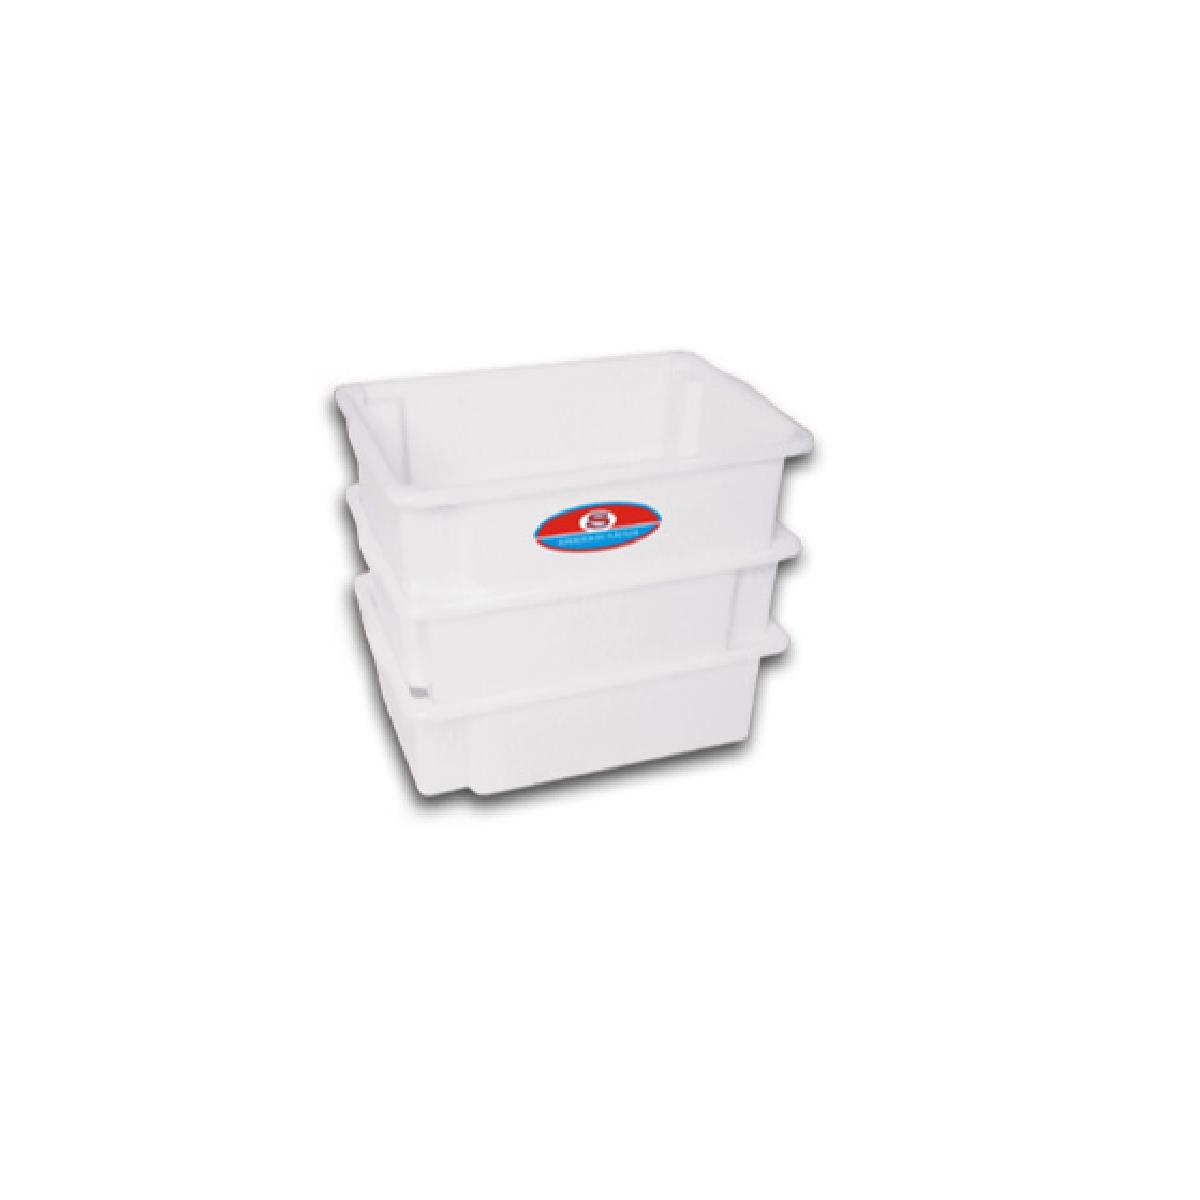 Kit 6 Caixa Plastica C/ Tampa Açougue 25l Camara Fria  - LZ COZINHA